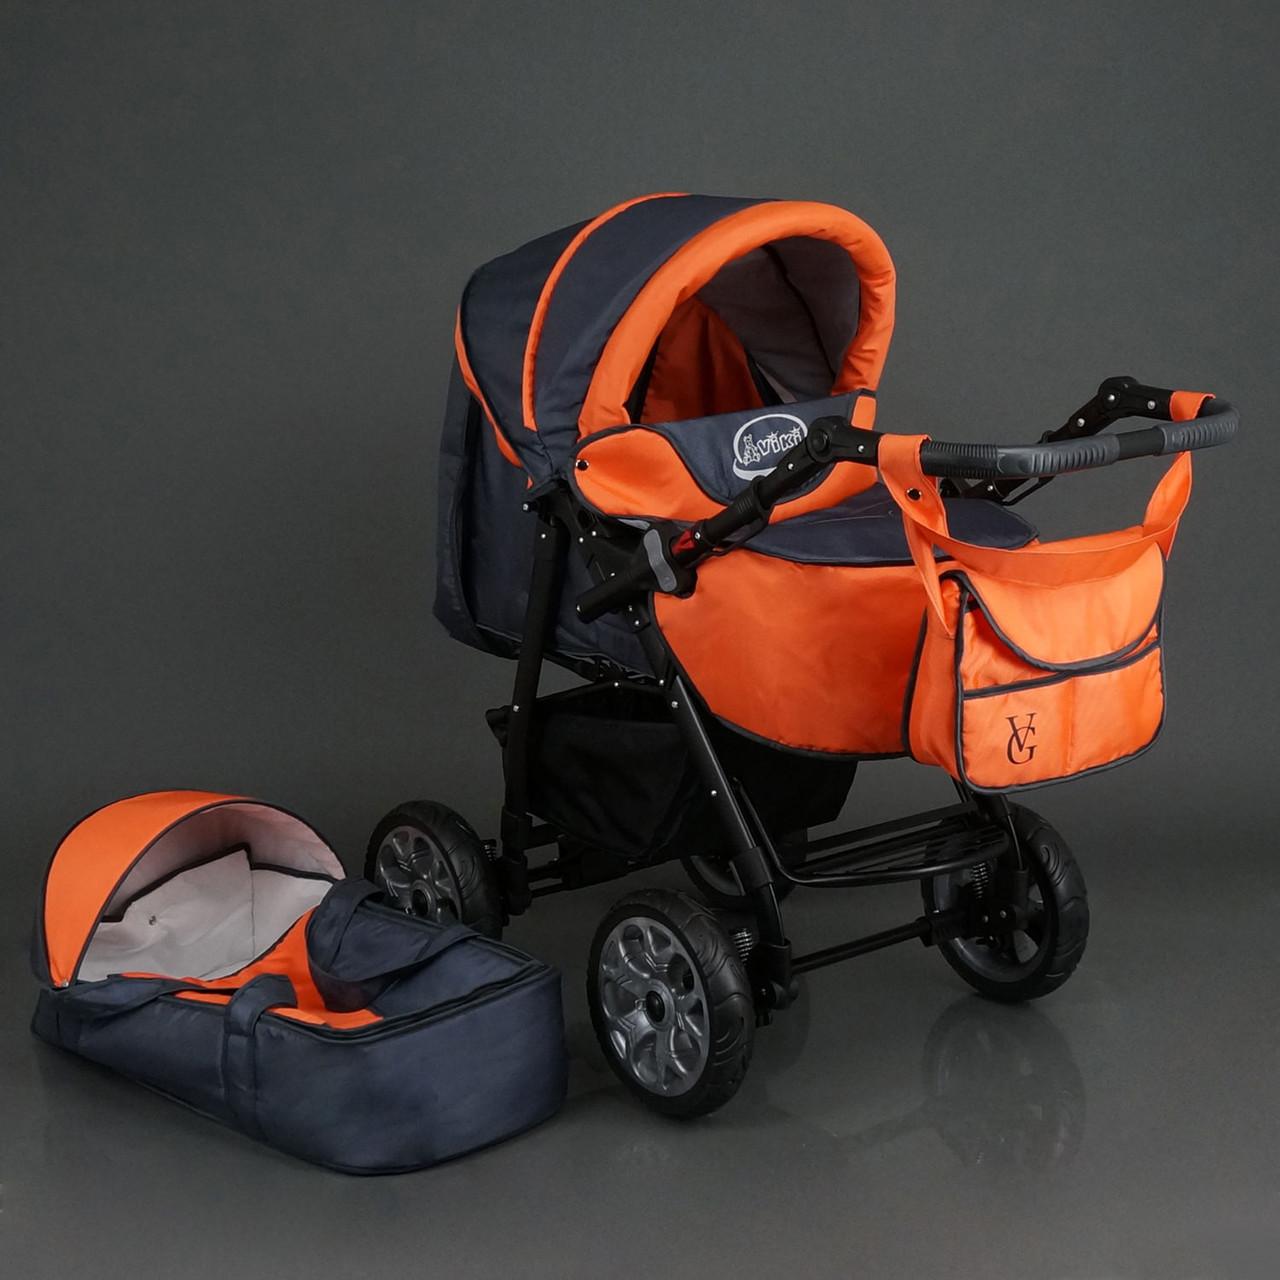 Детская коляска-трансформер Viki 86- C 16 Темно-серая с оранжевым Гарантия качества Быстрая доставка